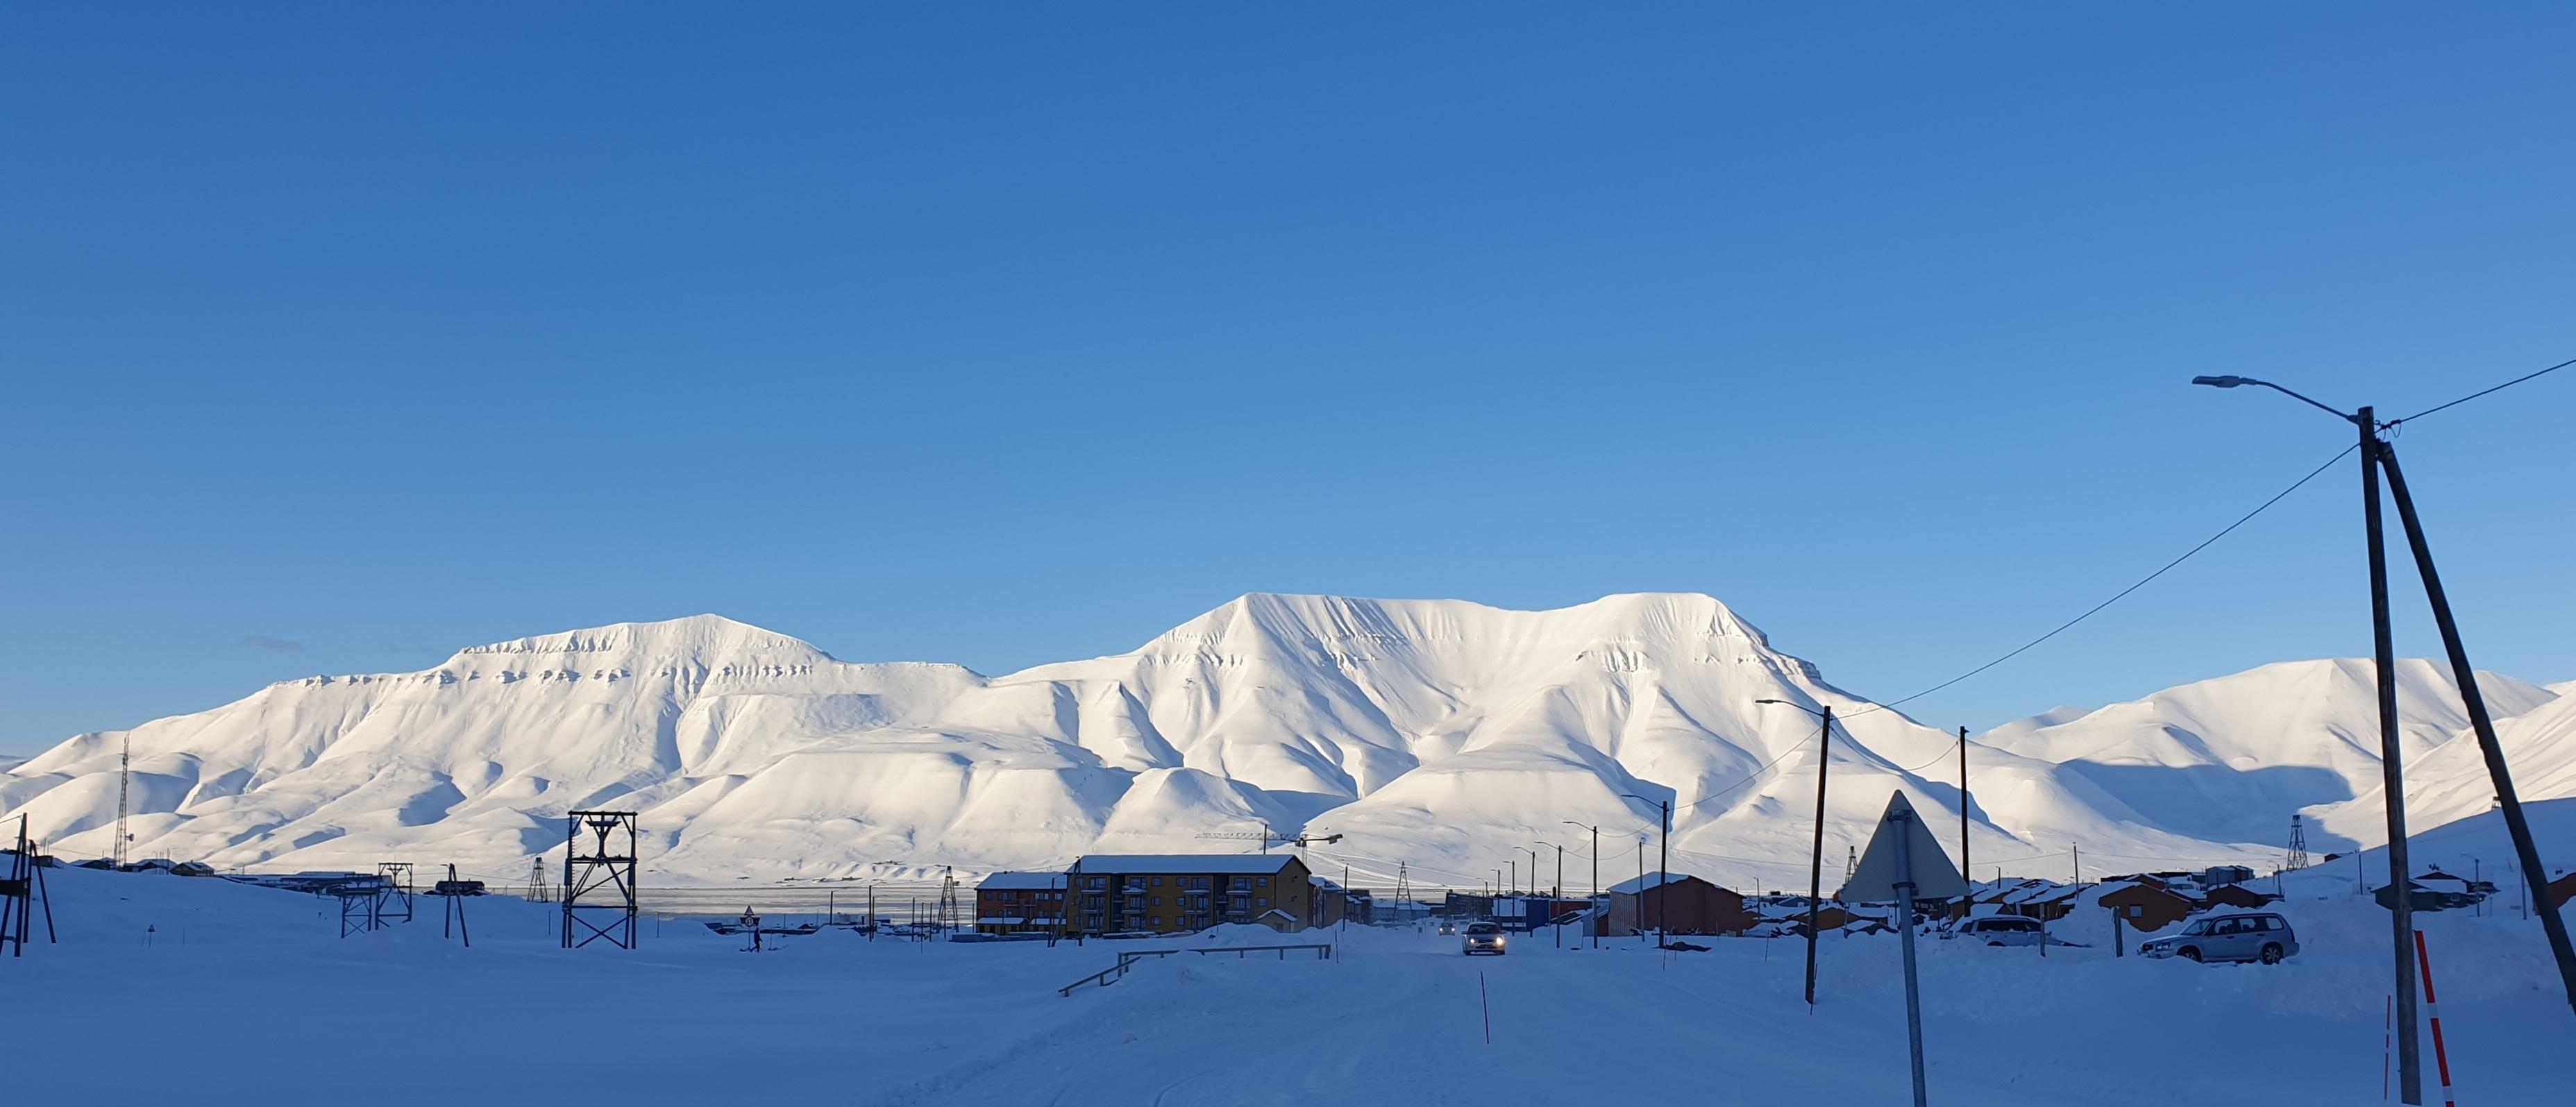 Hiortfjellet Foto: John Haugen